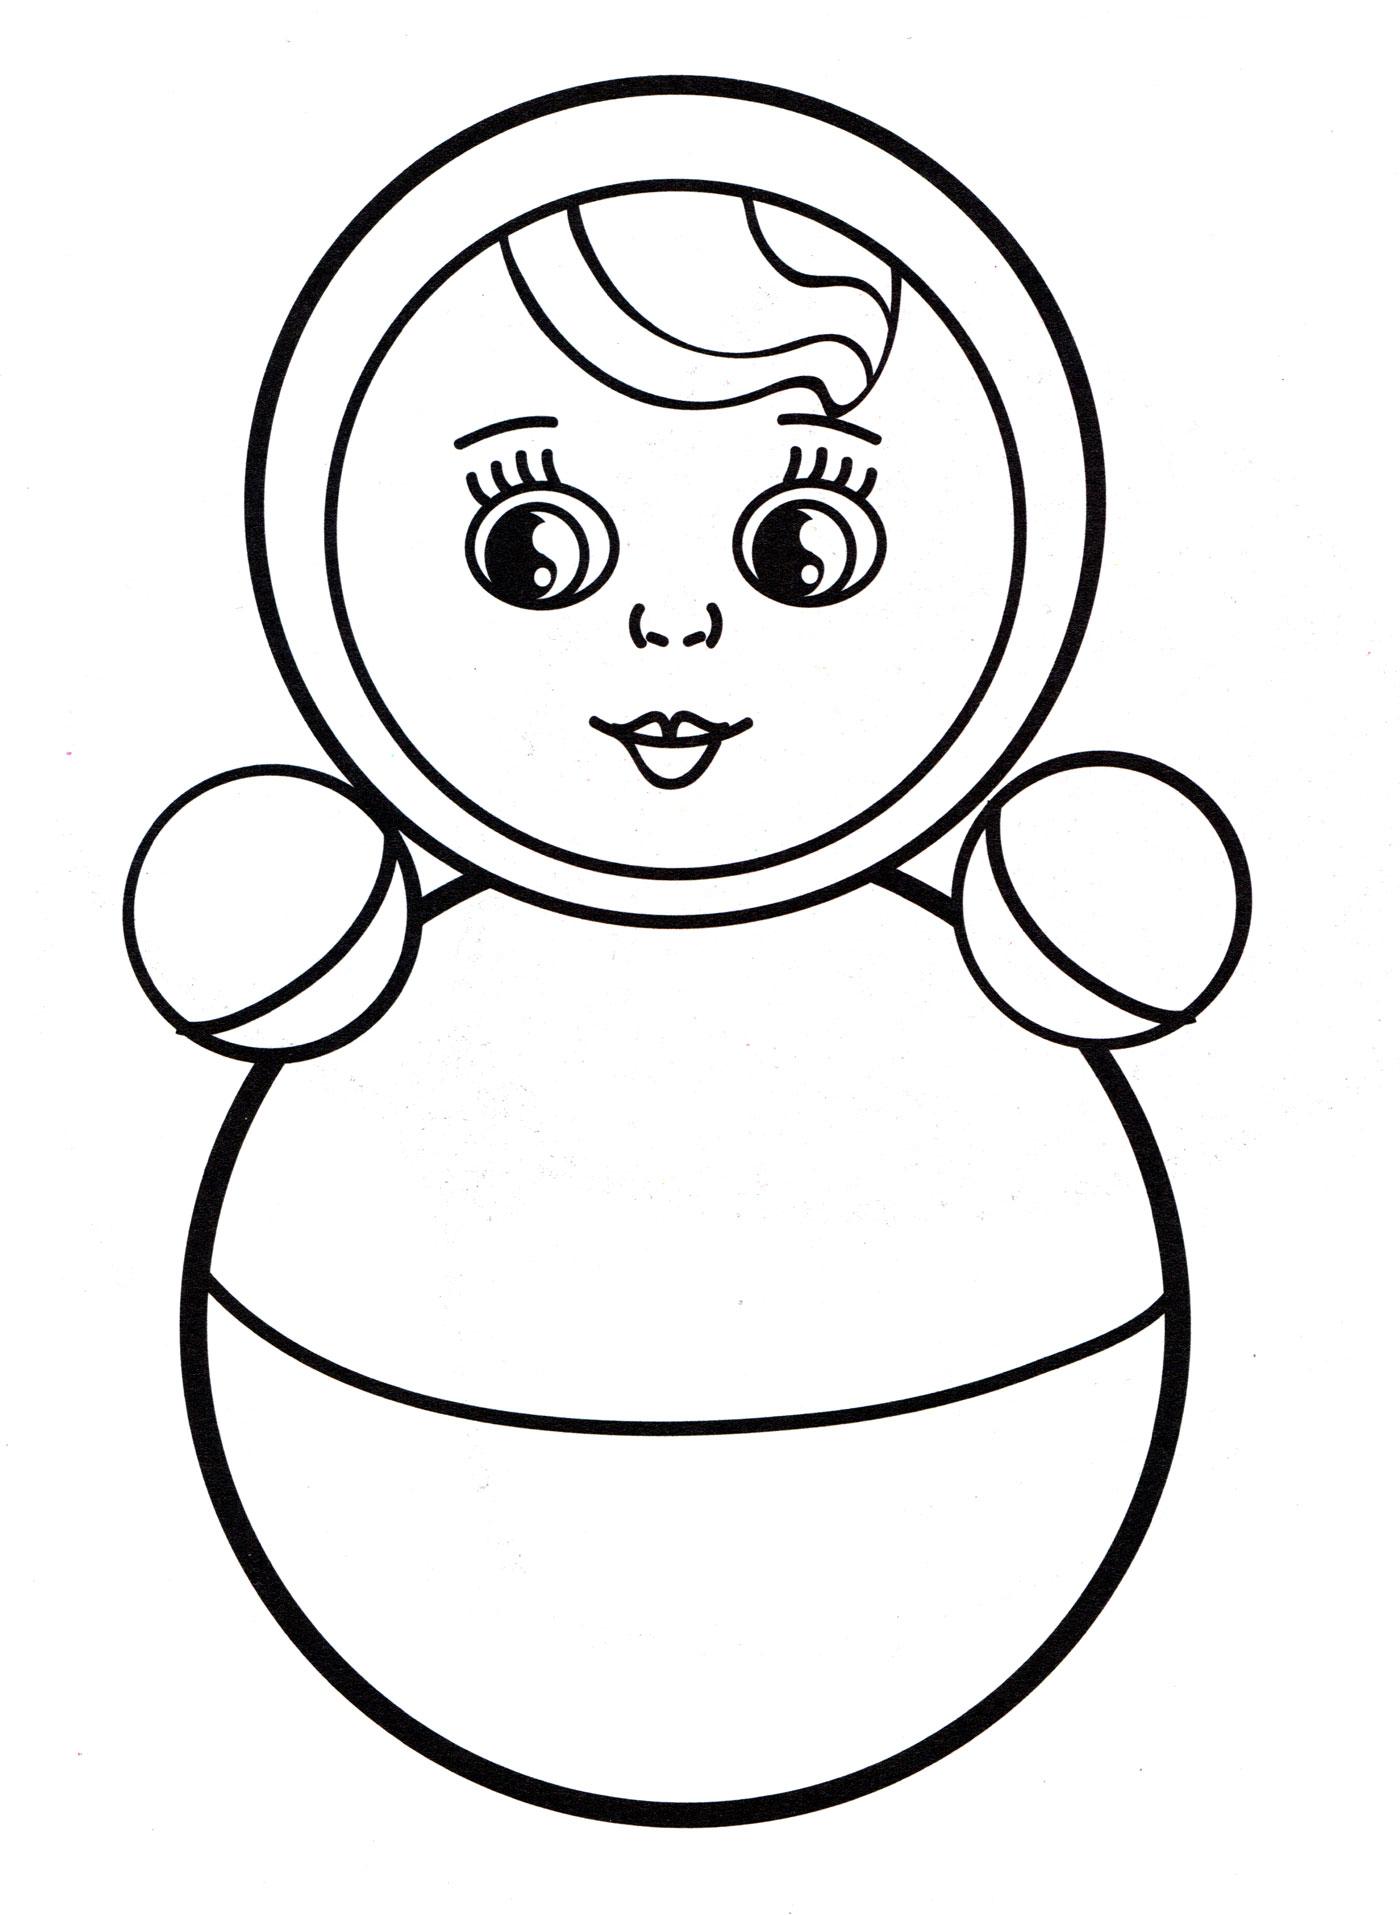 Раскраска Кукла неваляшка - распечатать бесплатно